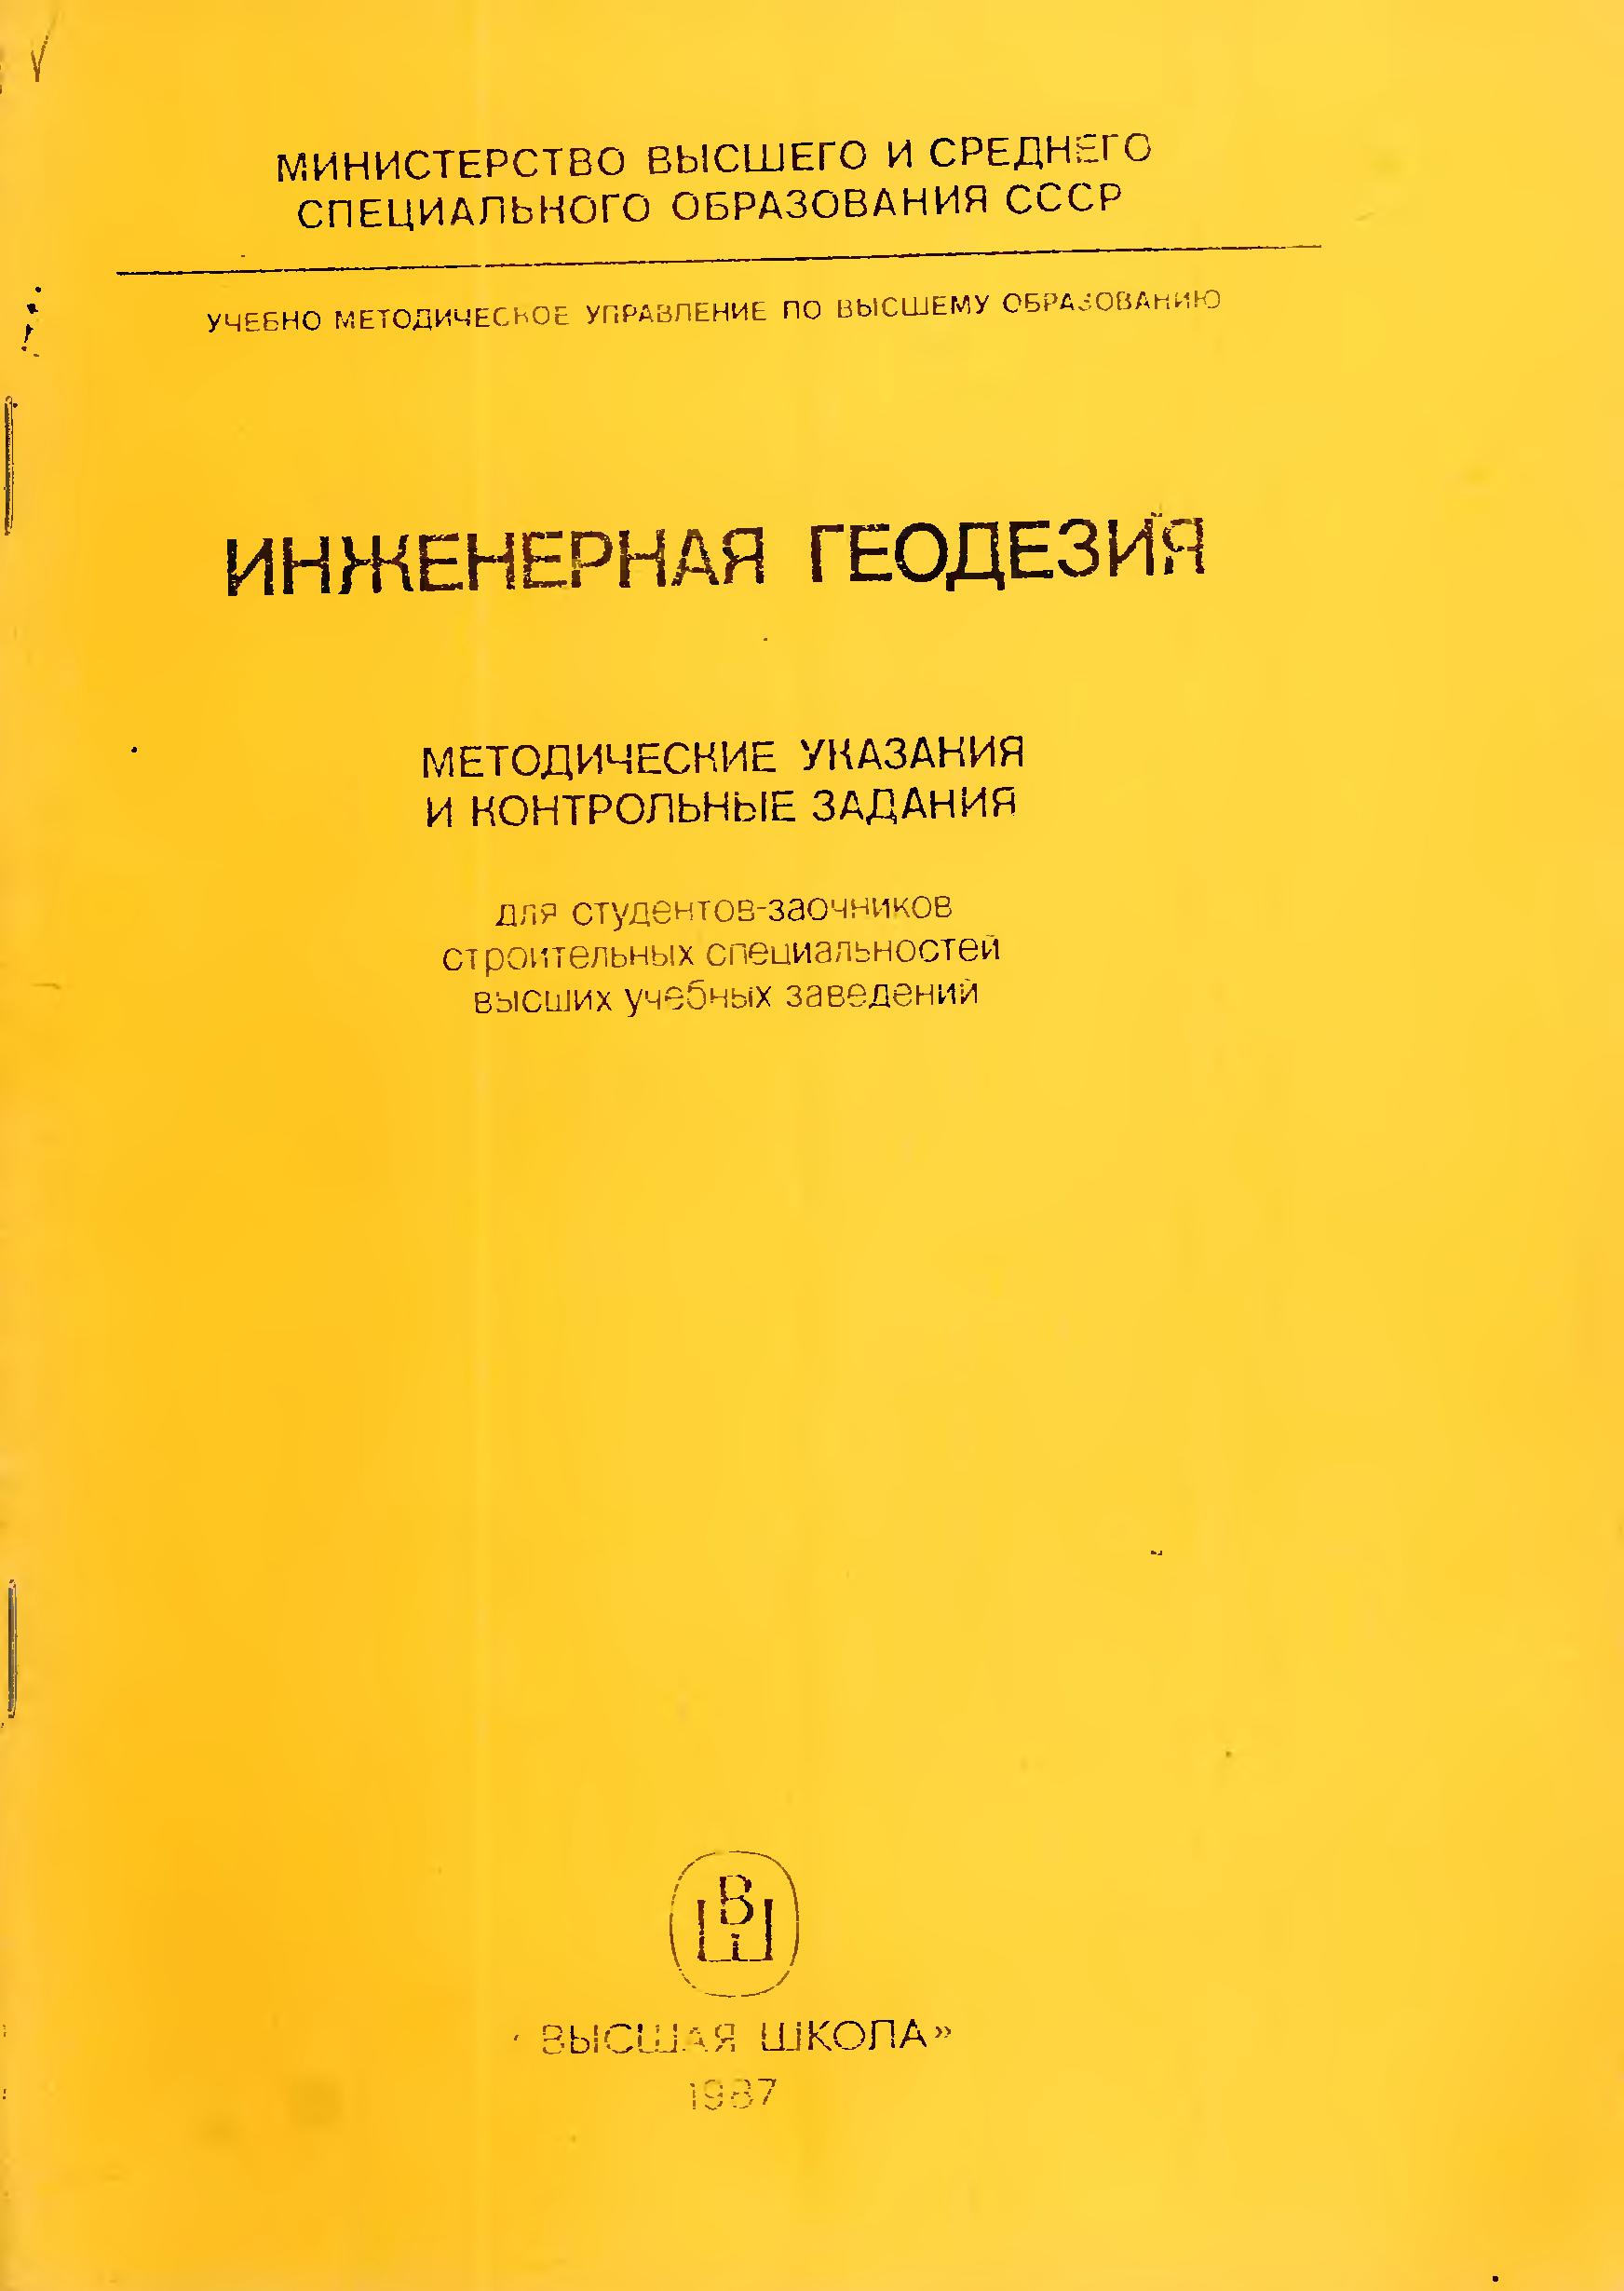 Дипломные работы по инженерной геодезии 5183